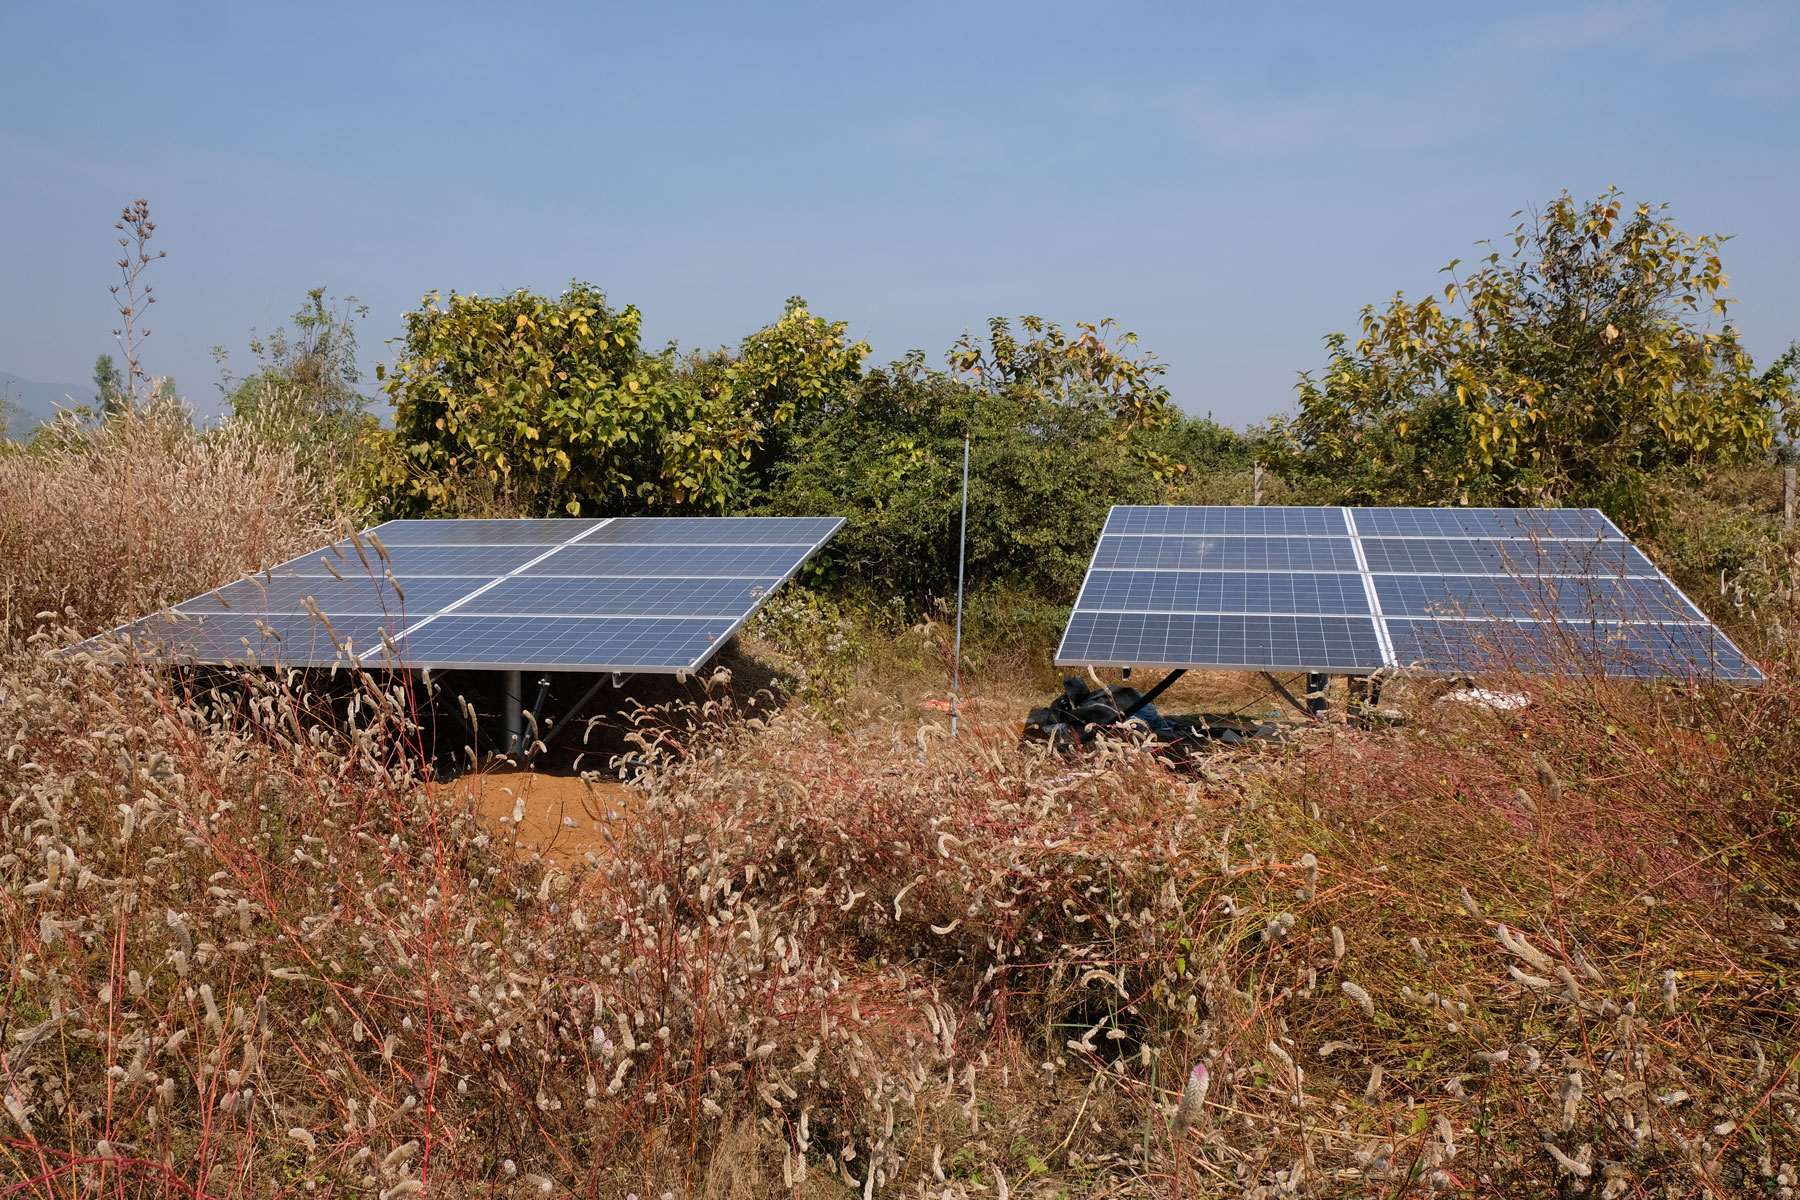 Zwei Solarzellen-Panele auf einer Wiese.